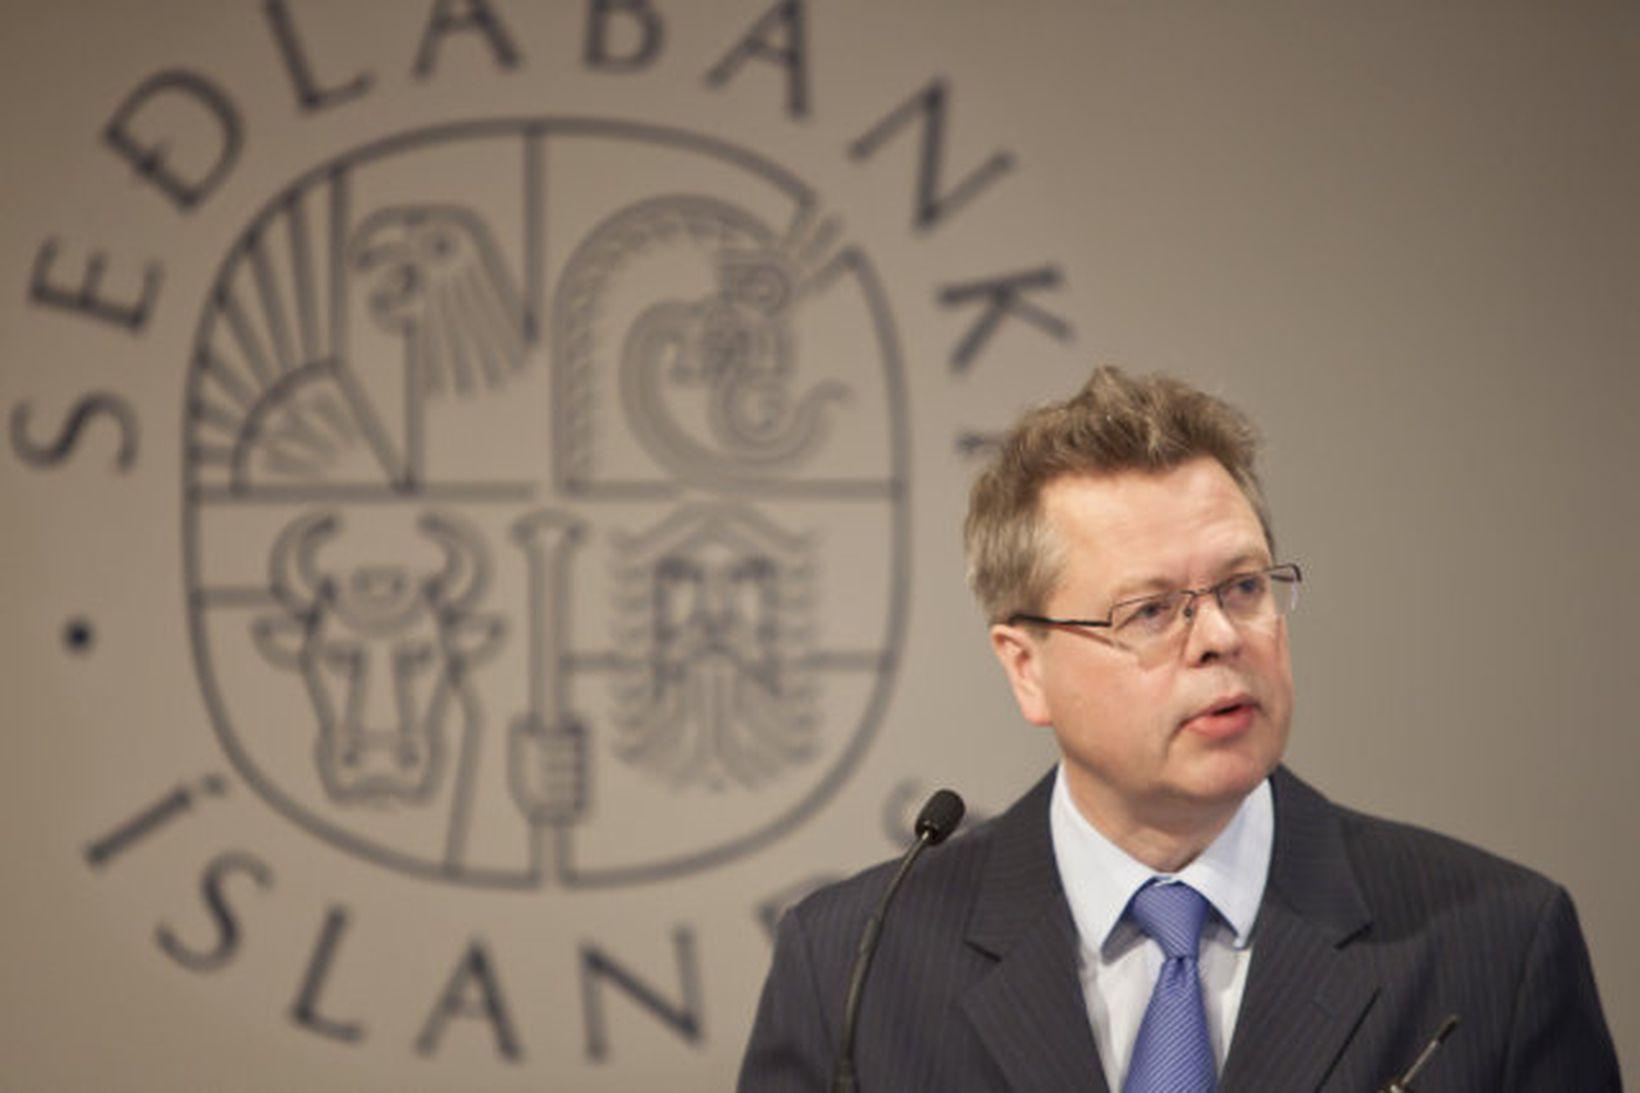 Már Guðmundsson, seðlabankastjóri,